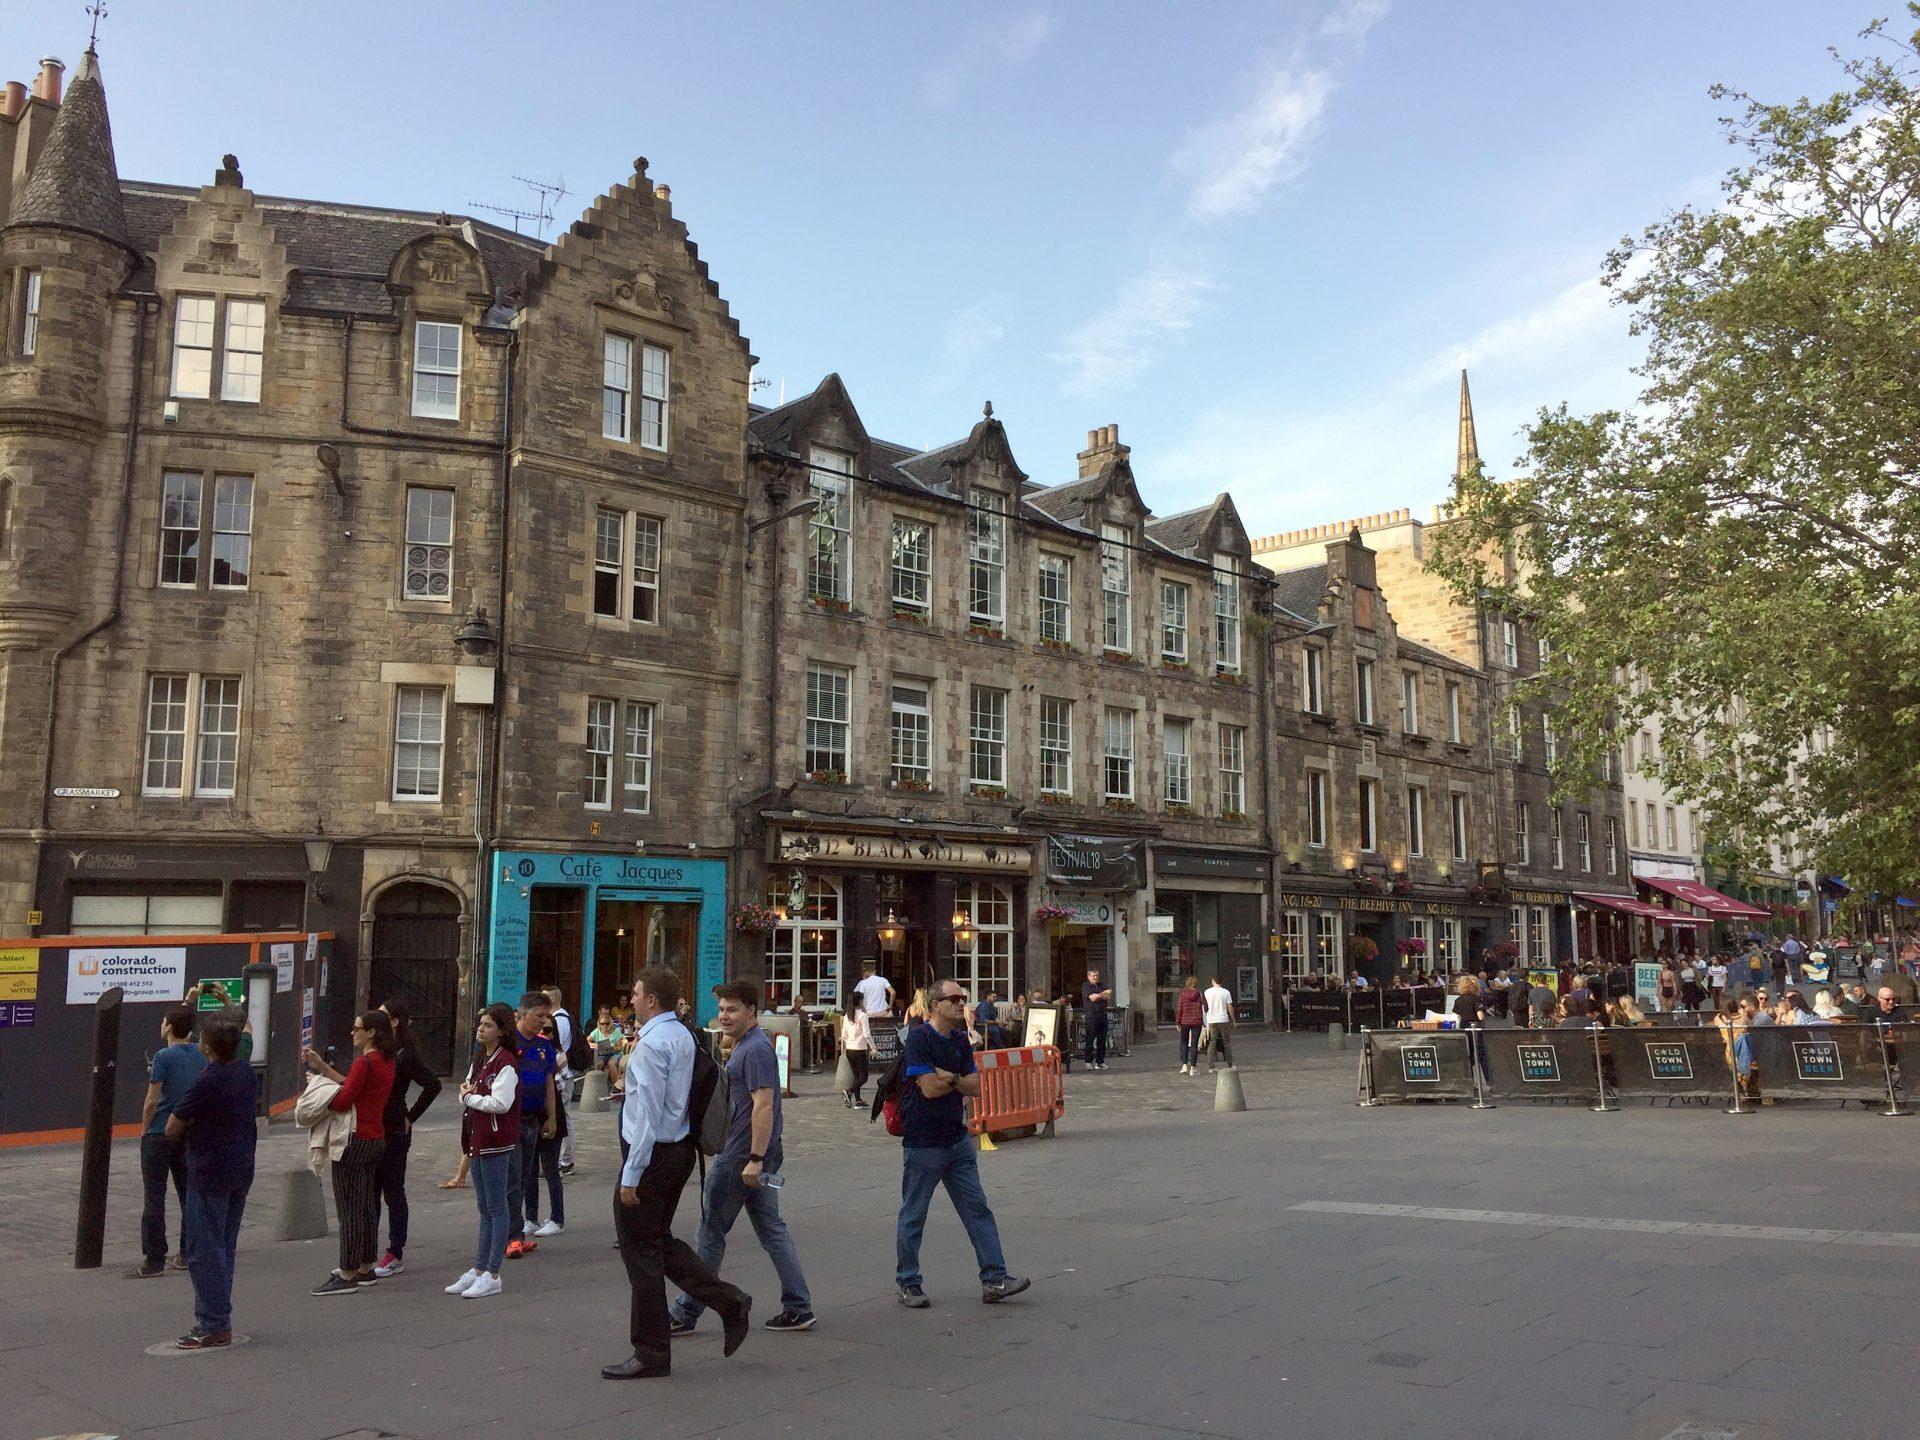 Grassmarket in Edinburgh – Die Partymeile der Schotten und Touristen